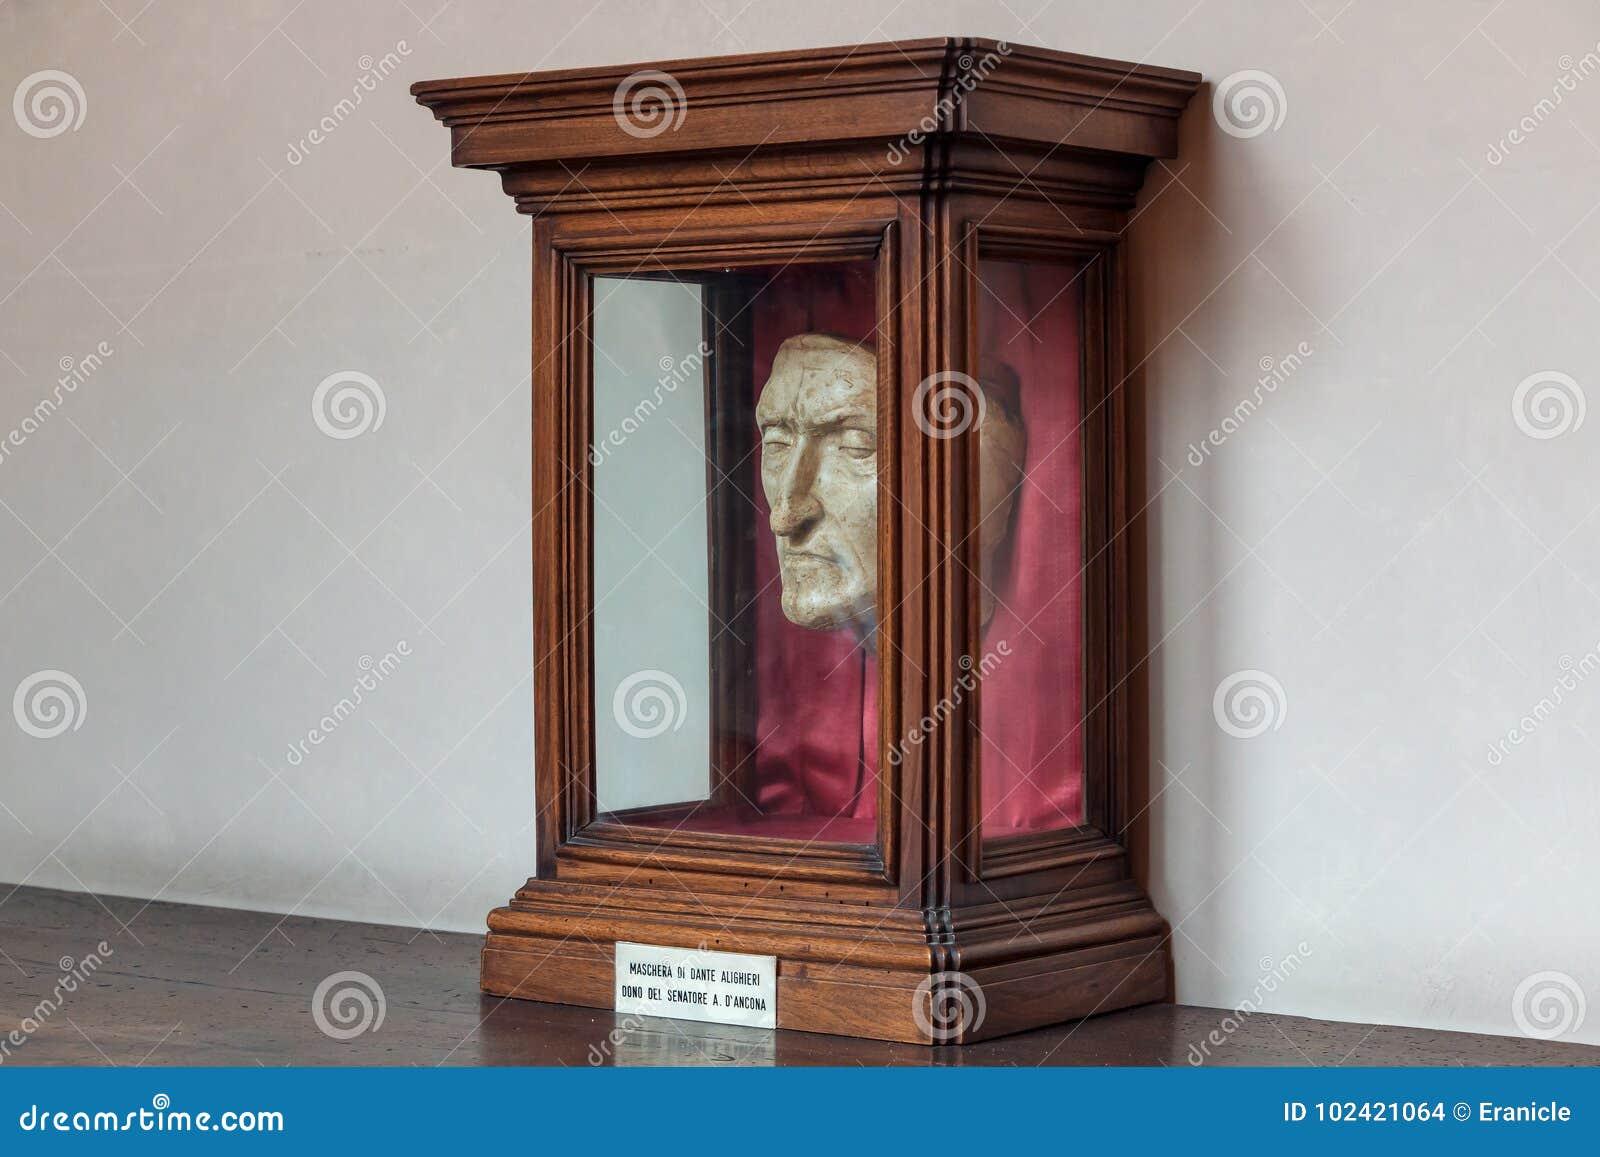 riche et magnifique en ligne capture Masque de mort de Dante image stock éditorial. Image du ...